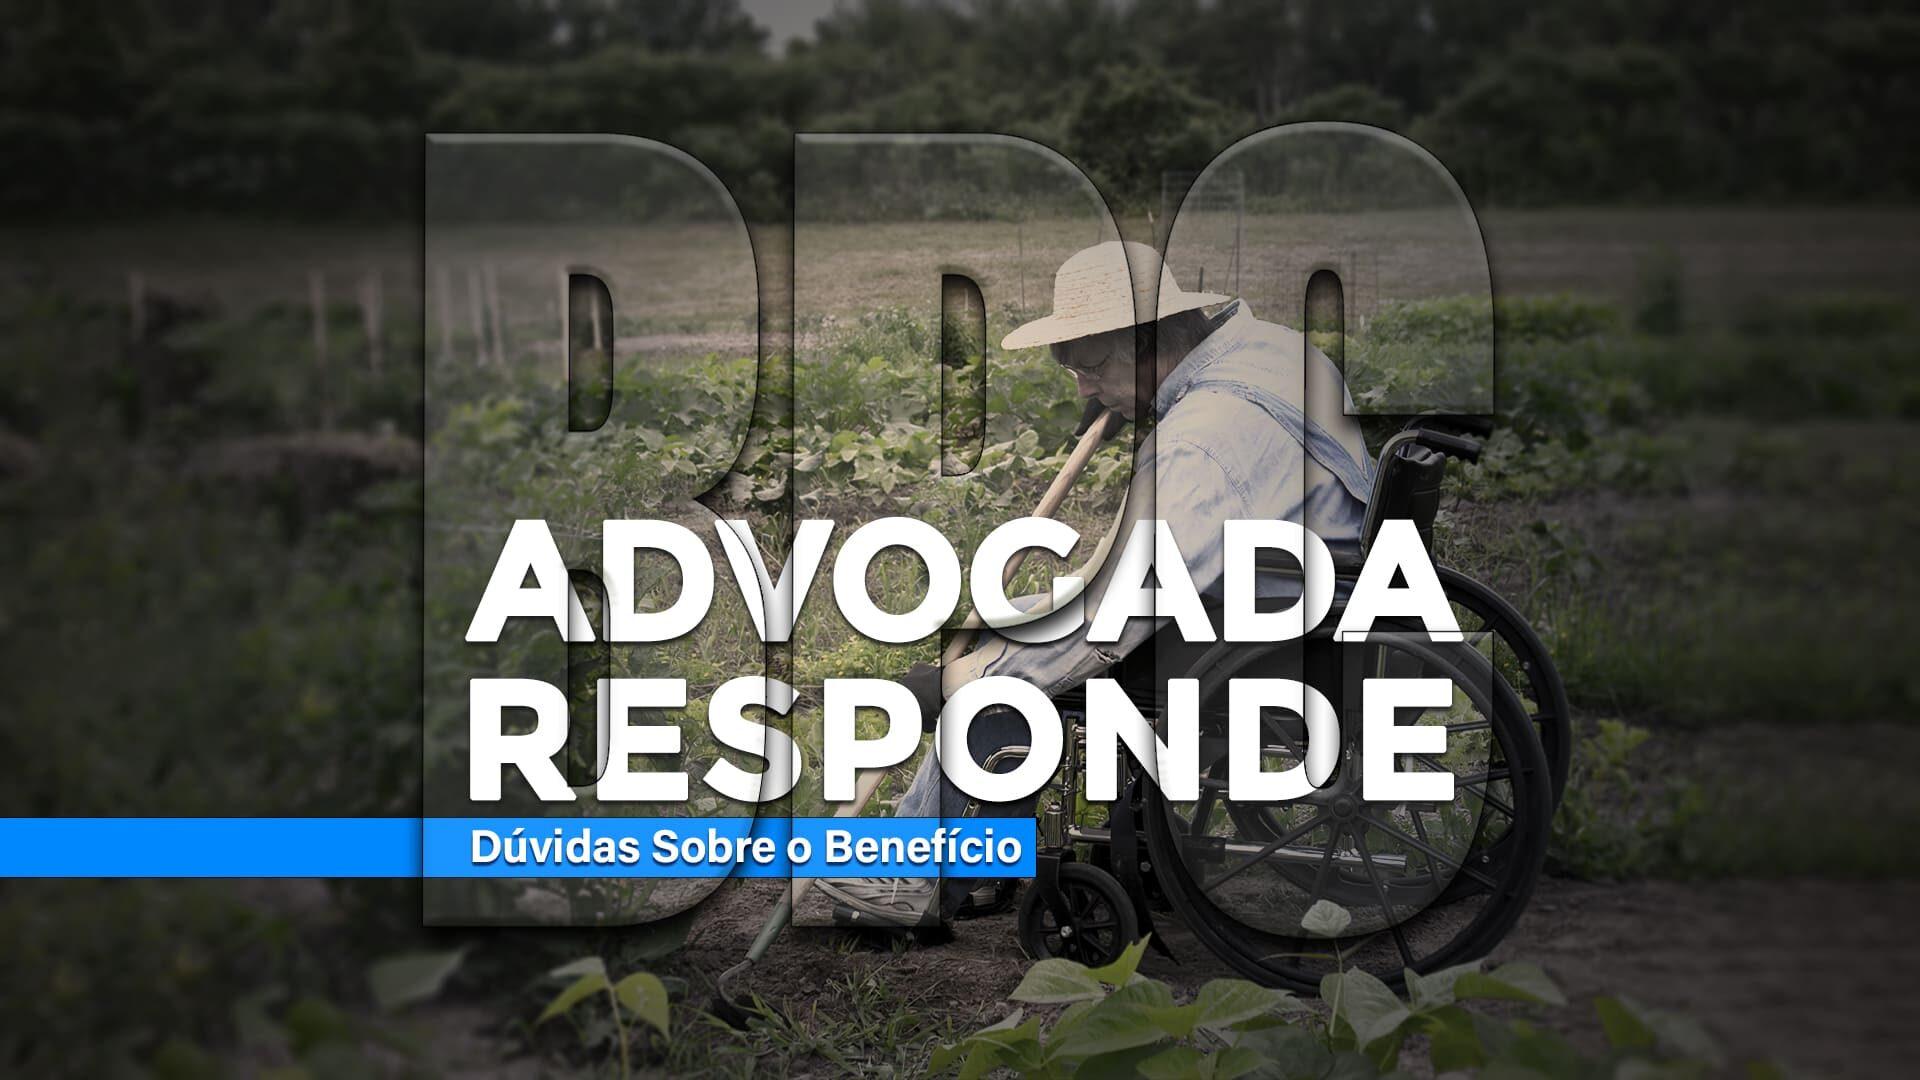 Fotografia de cadeirante trabalhando no campo, com texto descrito na legenda, sobre o BPC em perguntas e respostas.